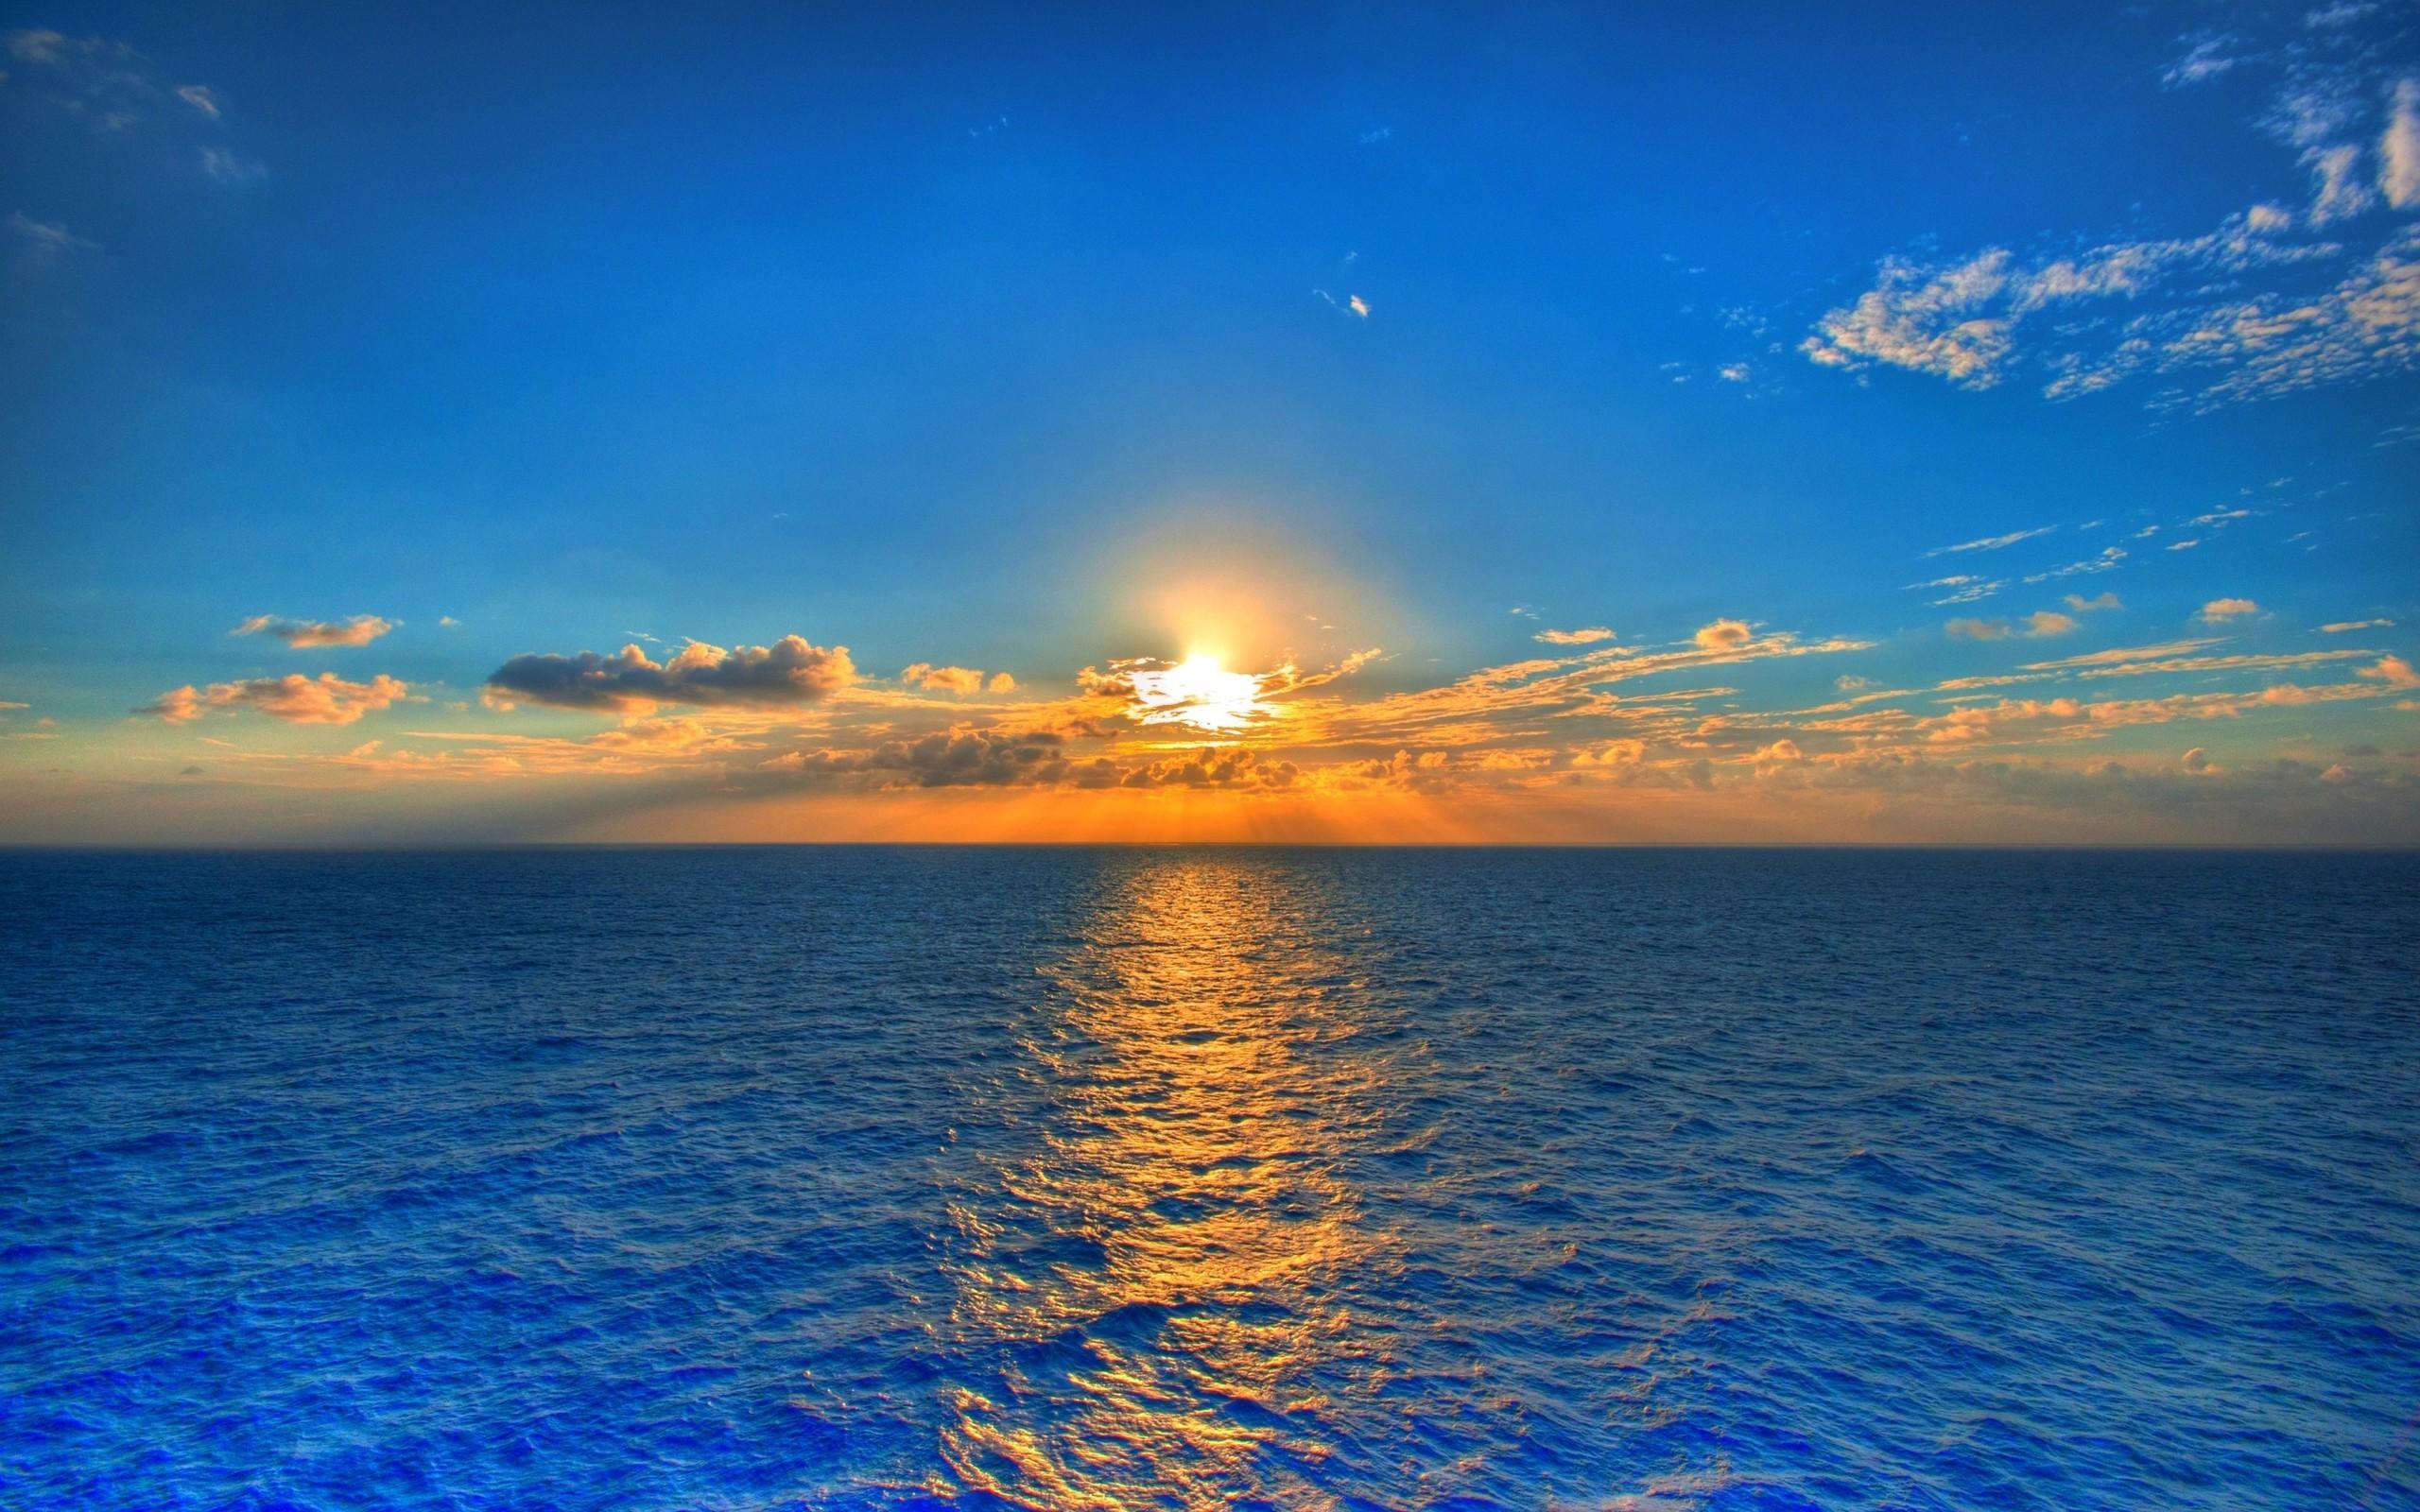 بالصور صور مناظر جميلة , اجمل الطبيعيه حول العالم 6005 2